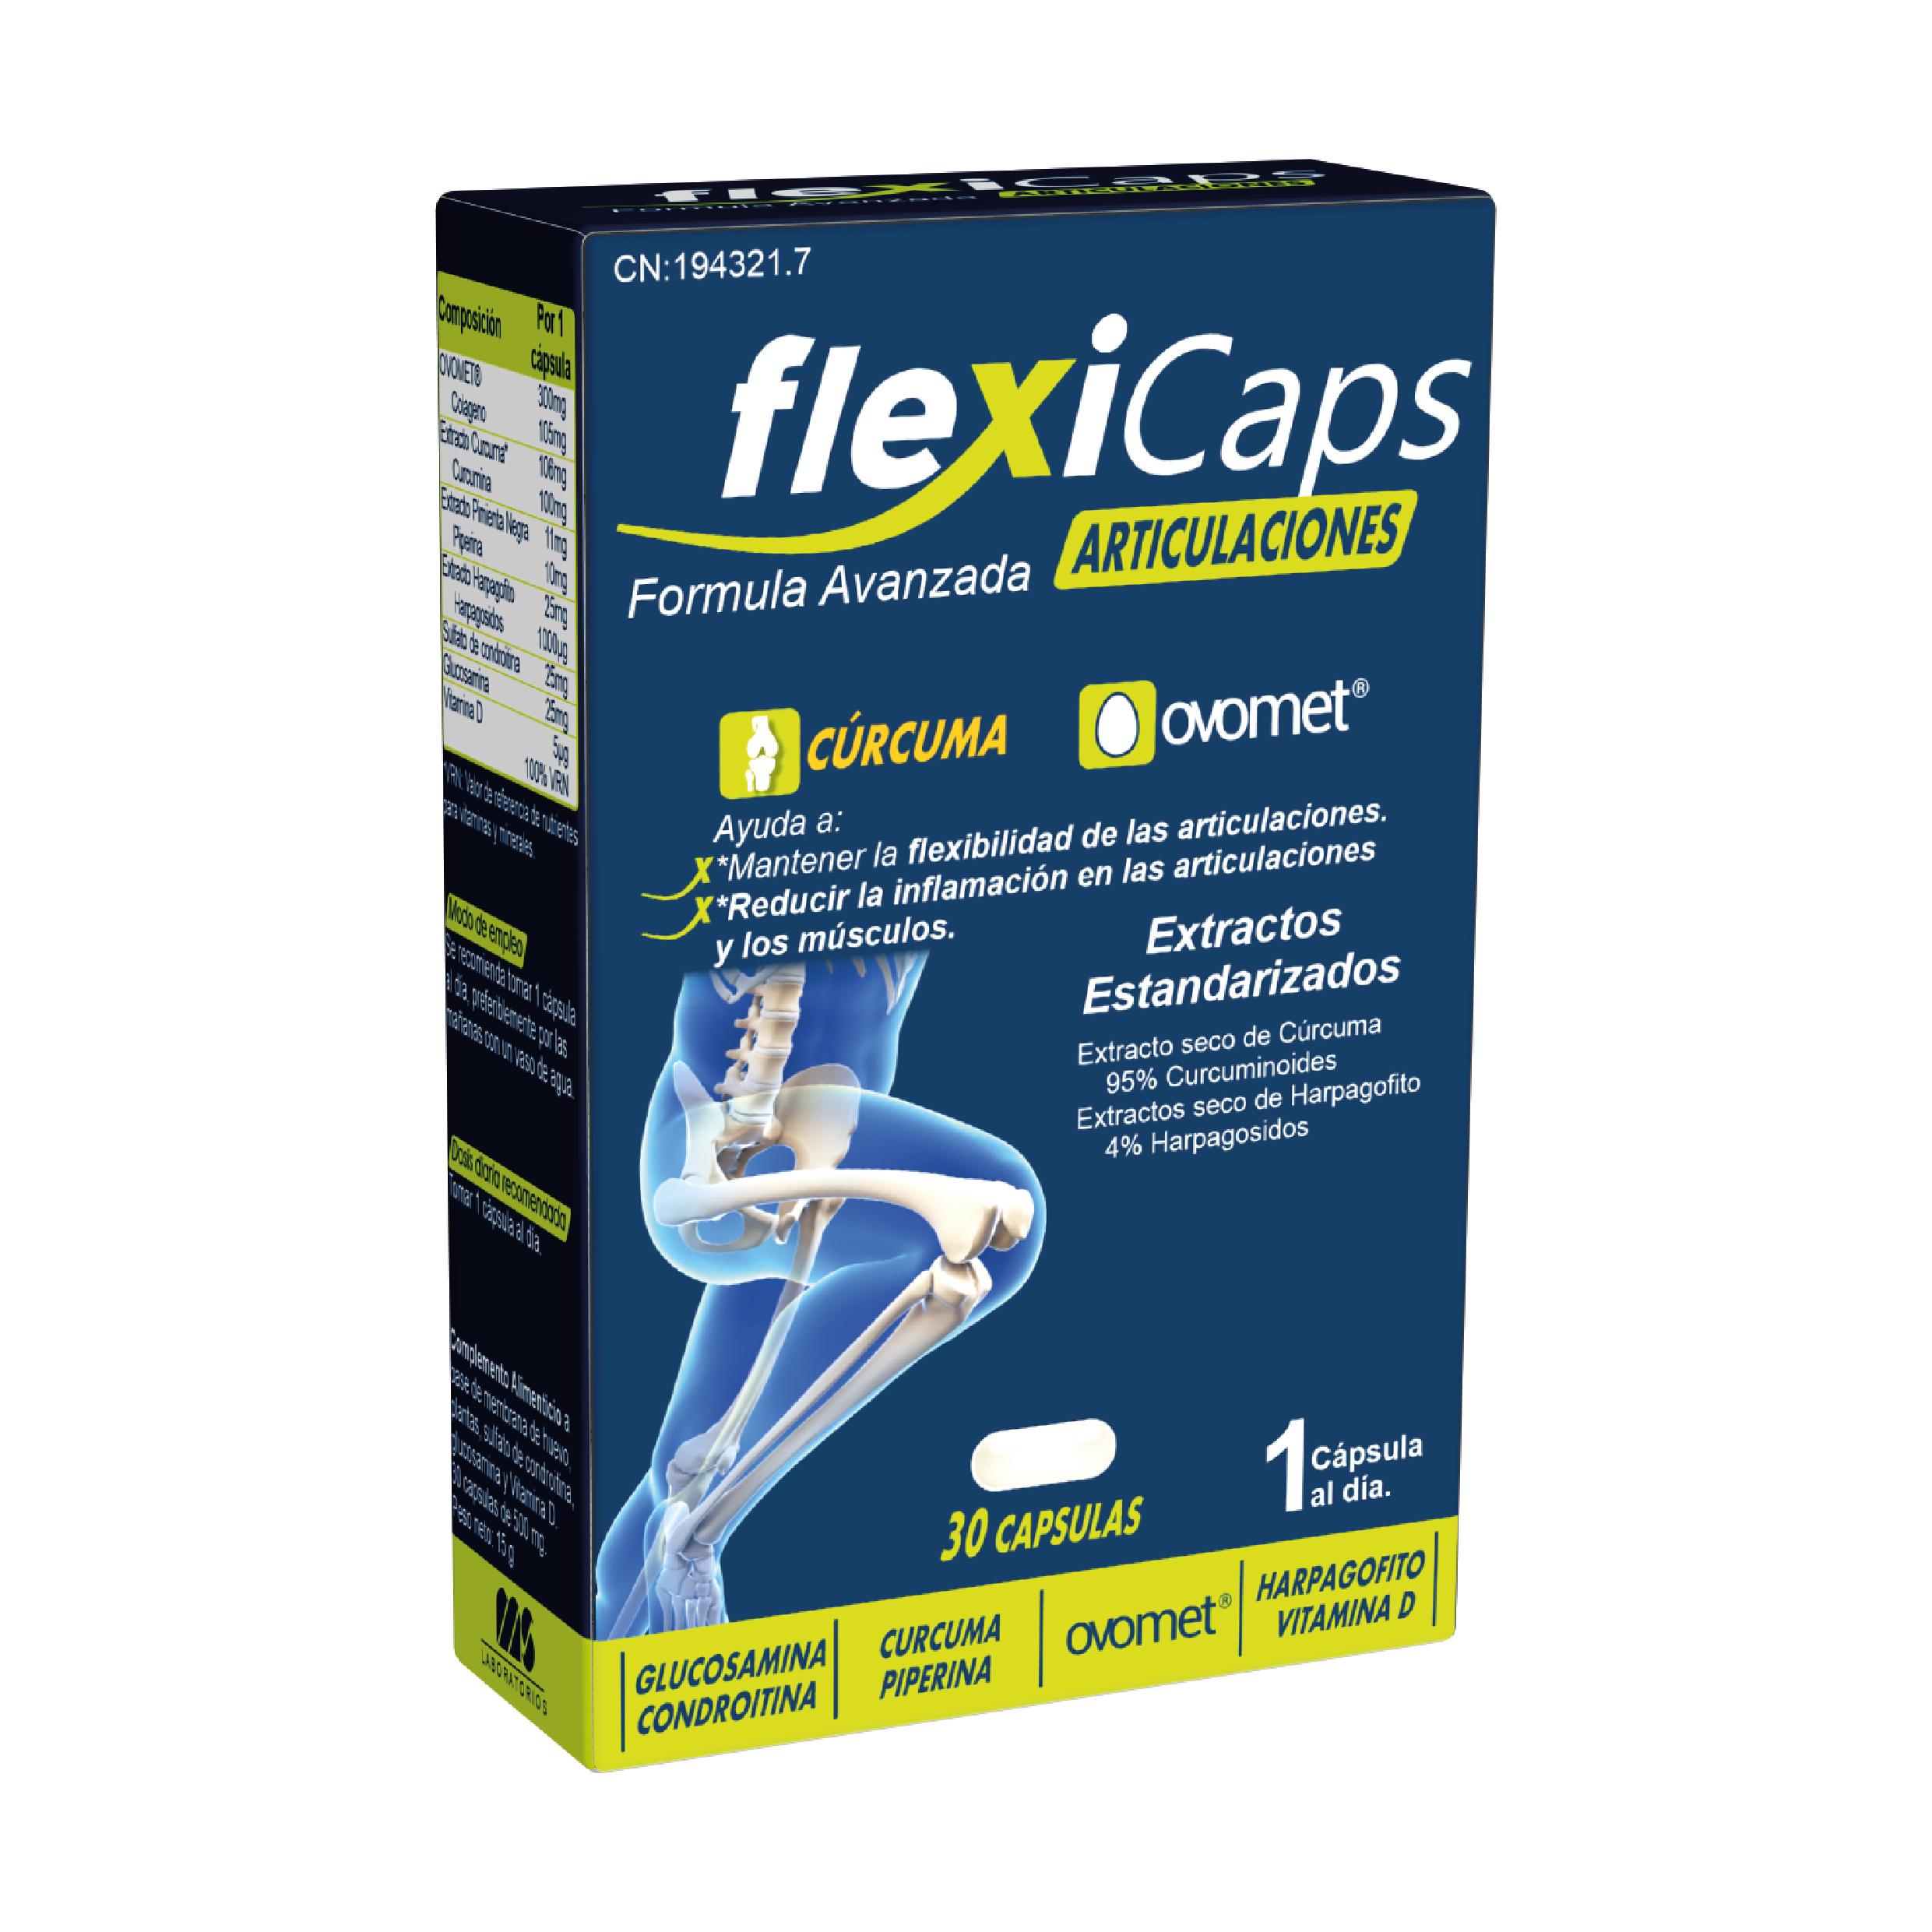 FlexiCaps